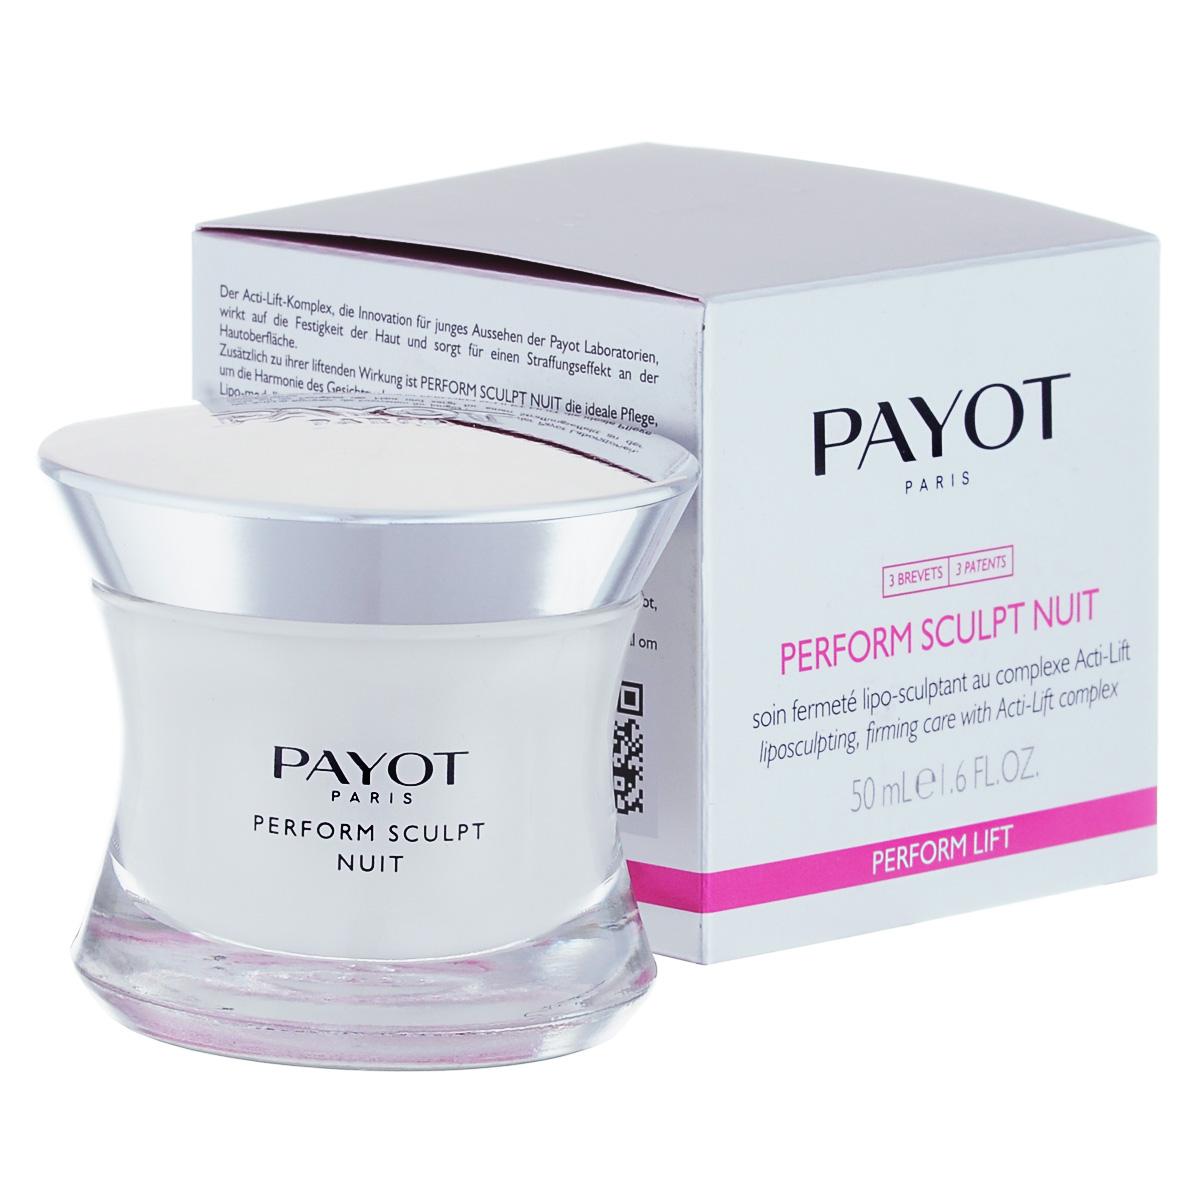 Payot Ночное средство для моделирования овала лица и повышения упругости кожи Perform Lift 50 мл payot интенсивно укрепляющее и подтягивающее средство perform lift для лица 50 мл